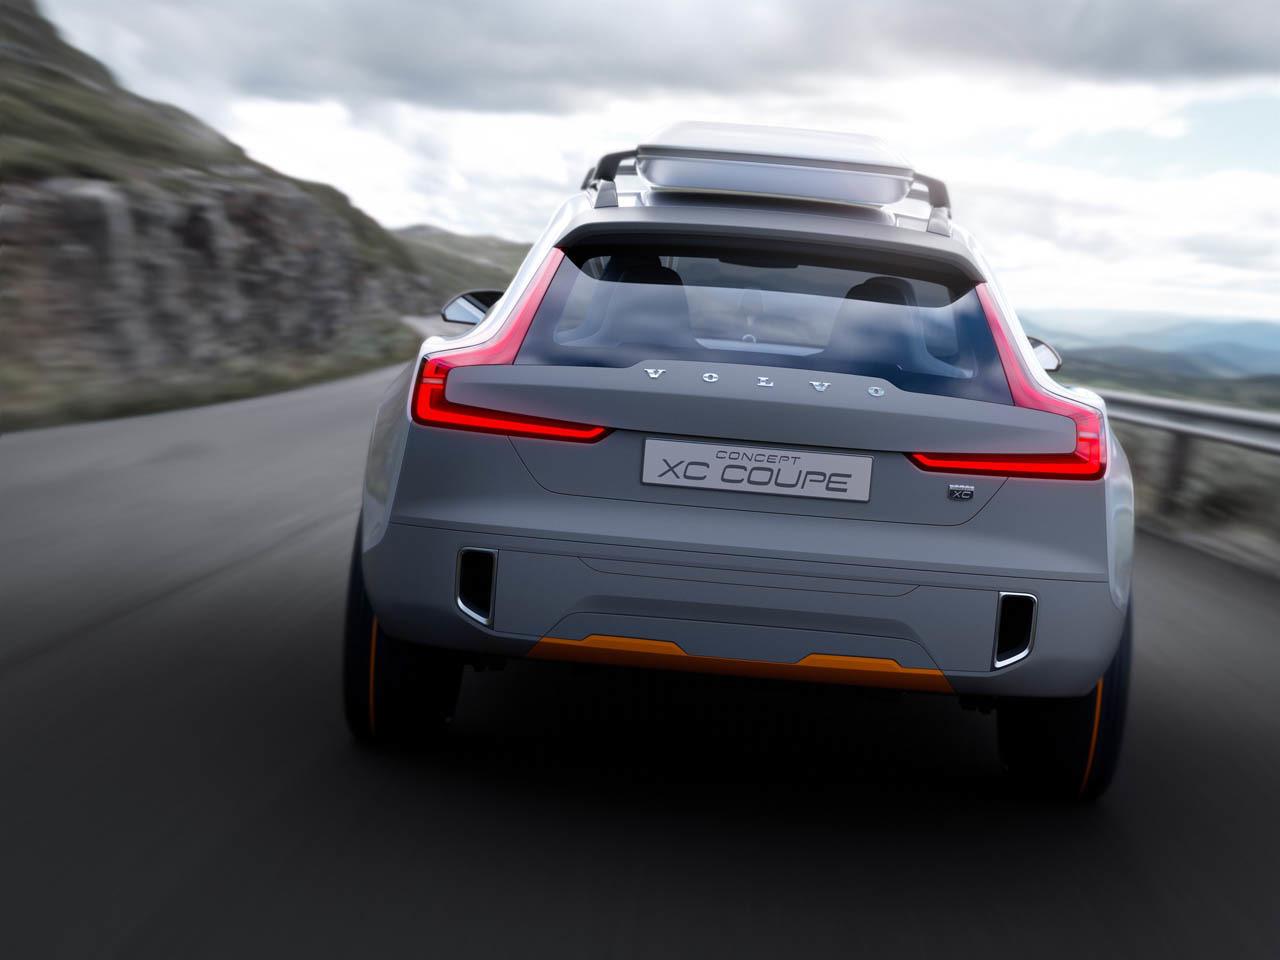 volvo-concept-xc-coupe-22-1